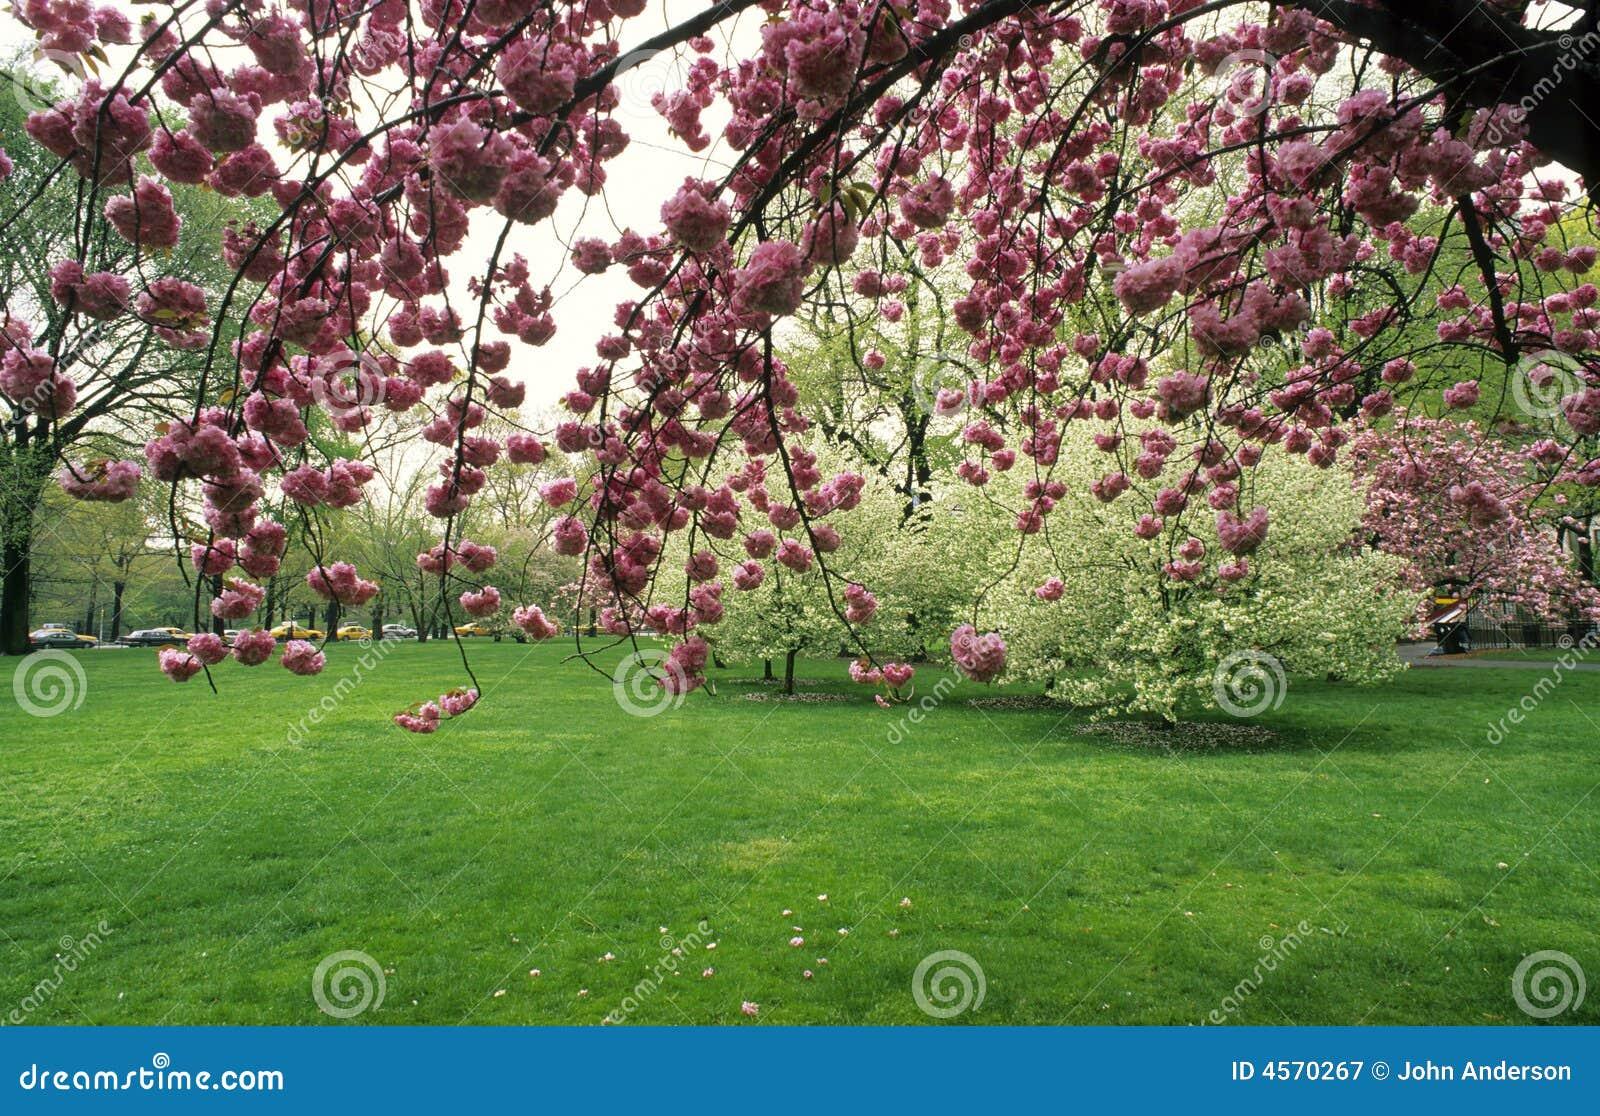 japanischer kirschbaum stockbild bild von baum manhattan. Black Bedroom Furniture Sets. Home Design Ideas